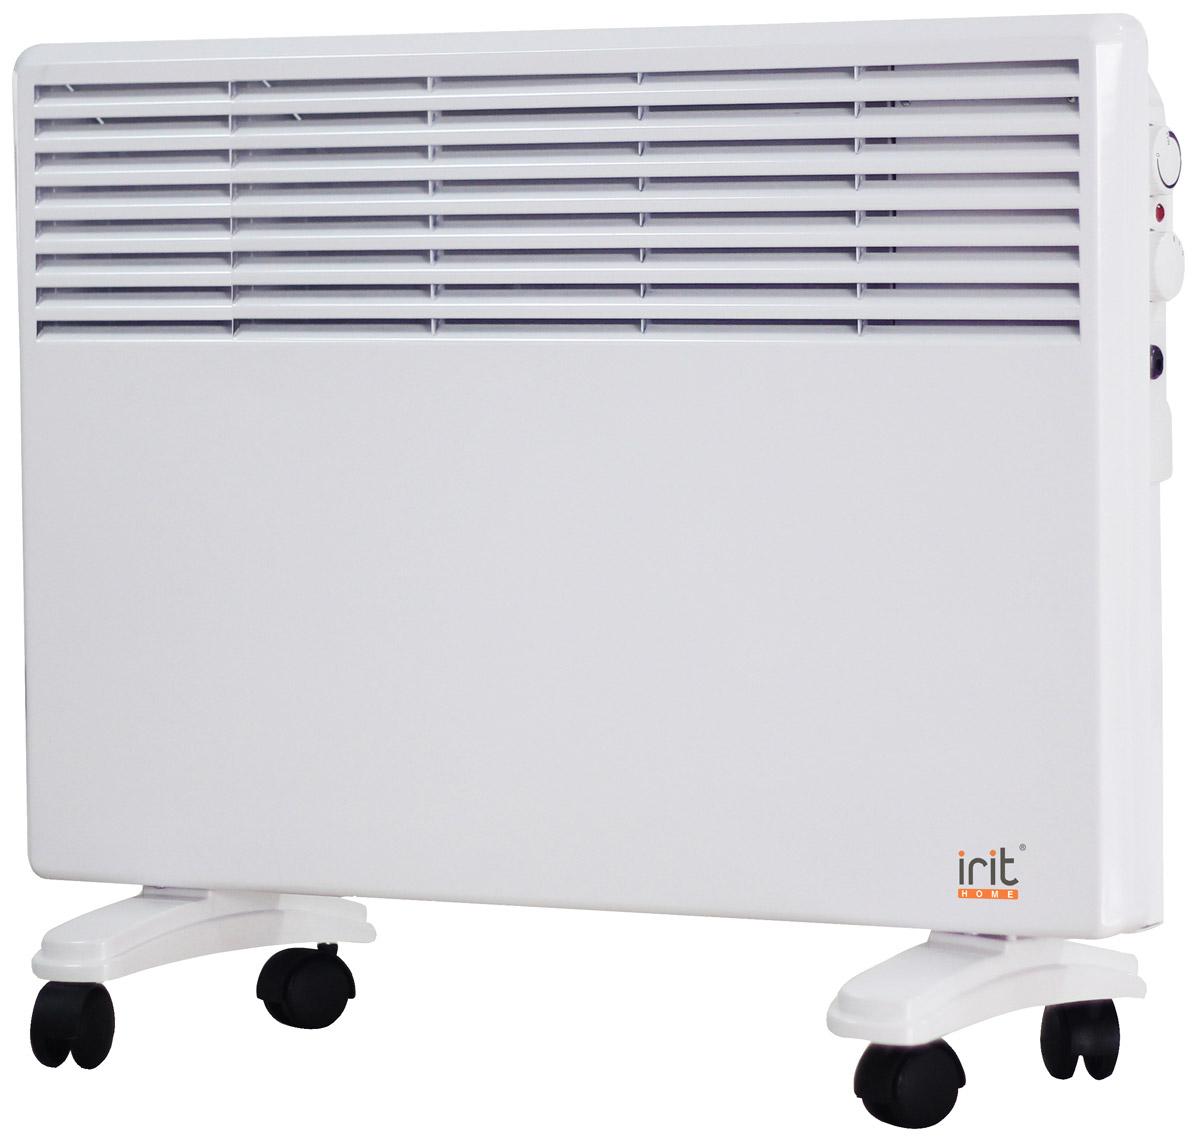 irit IR-6206 конвекторный обогревательIR-6206Конвектор Irit IR-6206 отлично подойдет для дома и дачи. Устройство работает по принципу естественной конвекции. Холодный воздух, проходя через конвектор и его нагревательный элемент, нагревается и выходит сквозь решетки-жалюзи, незамедлительно начиная обогревать помещение. Имеет возможность настенной и напольной установки.